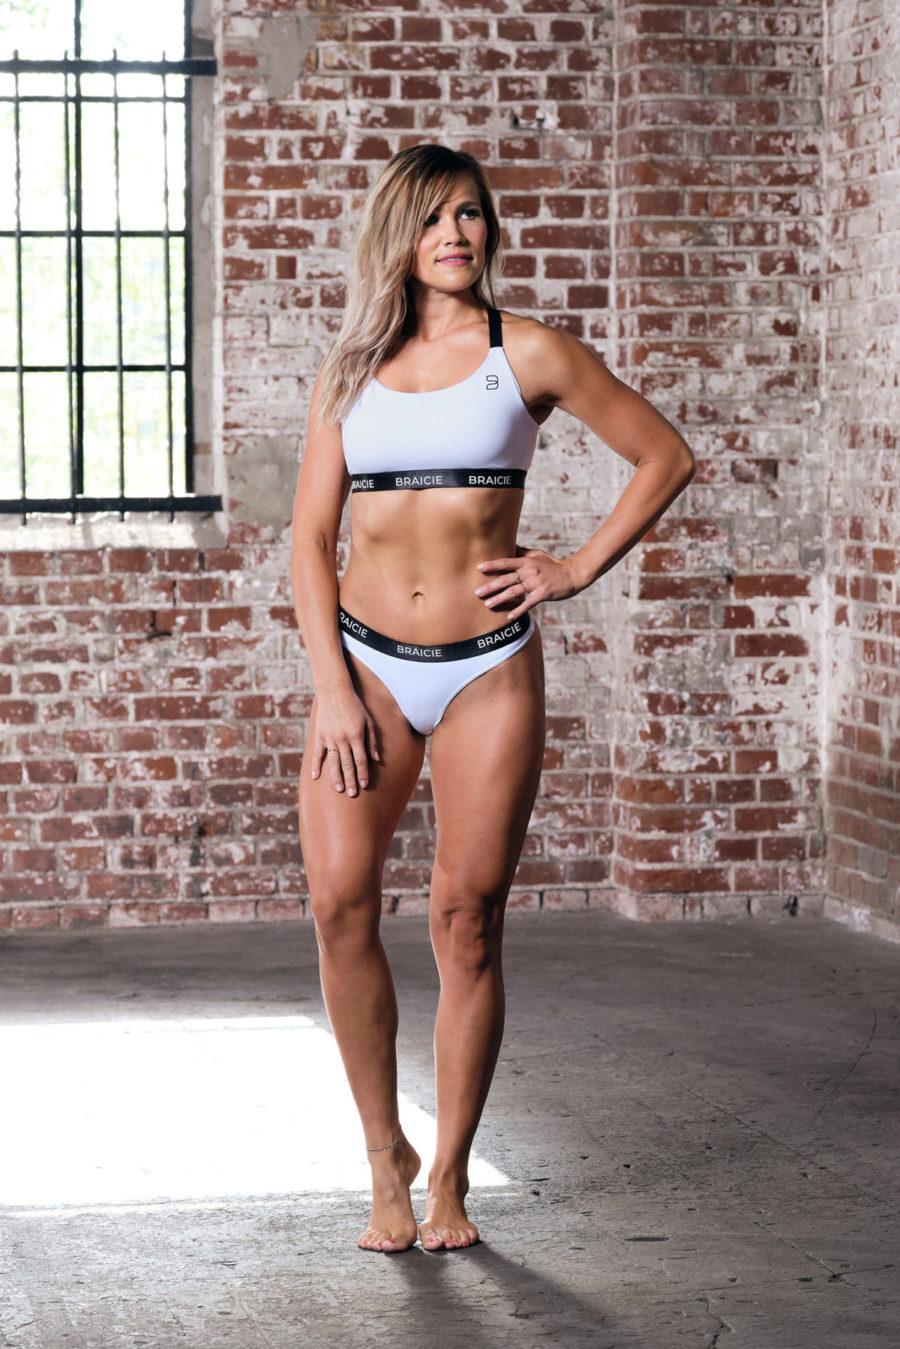 Ganzkörper Vorder-Ansicht einer Frau im Sport-BH und Sport-String in weiß